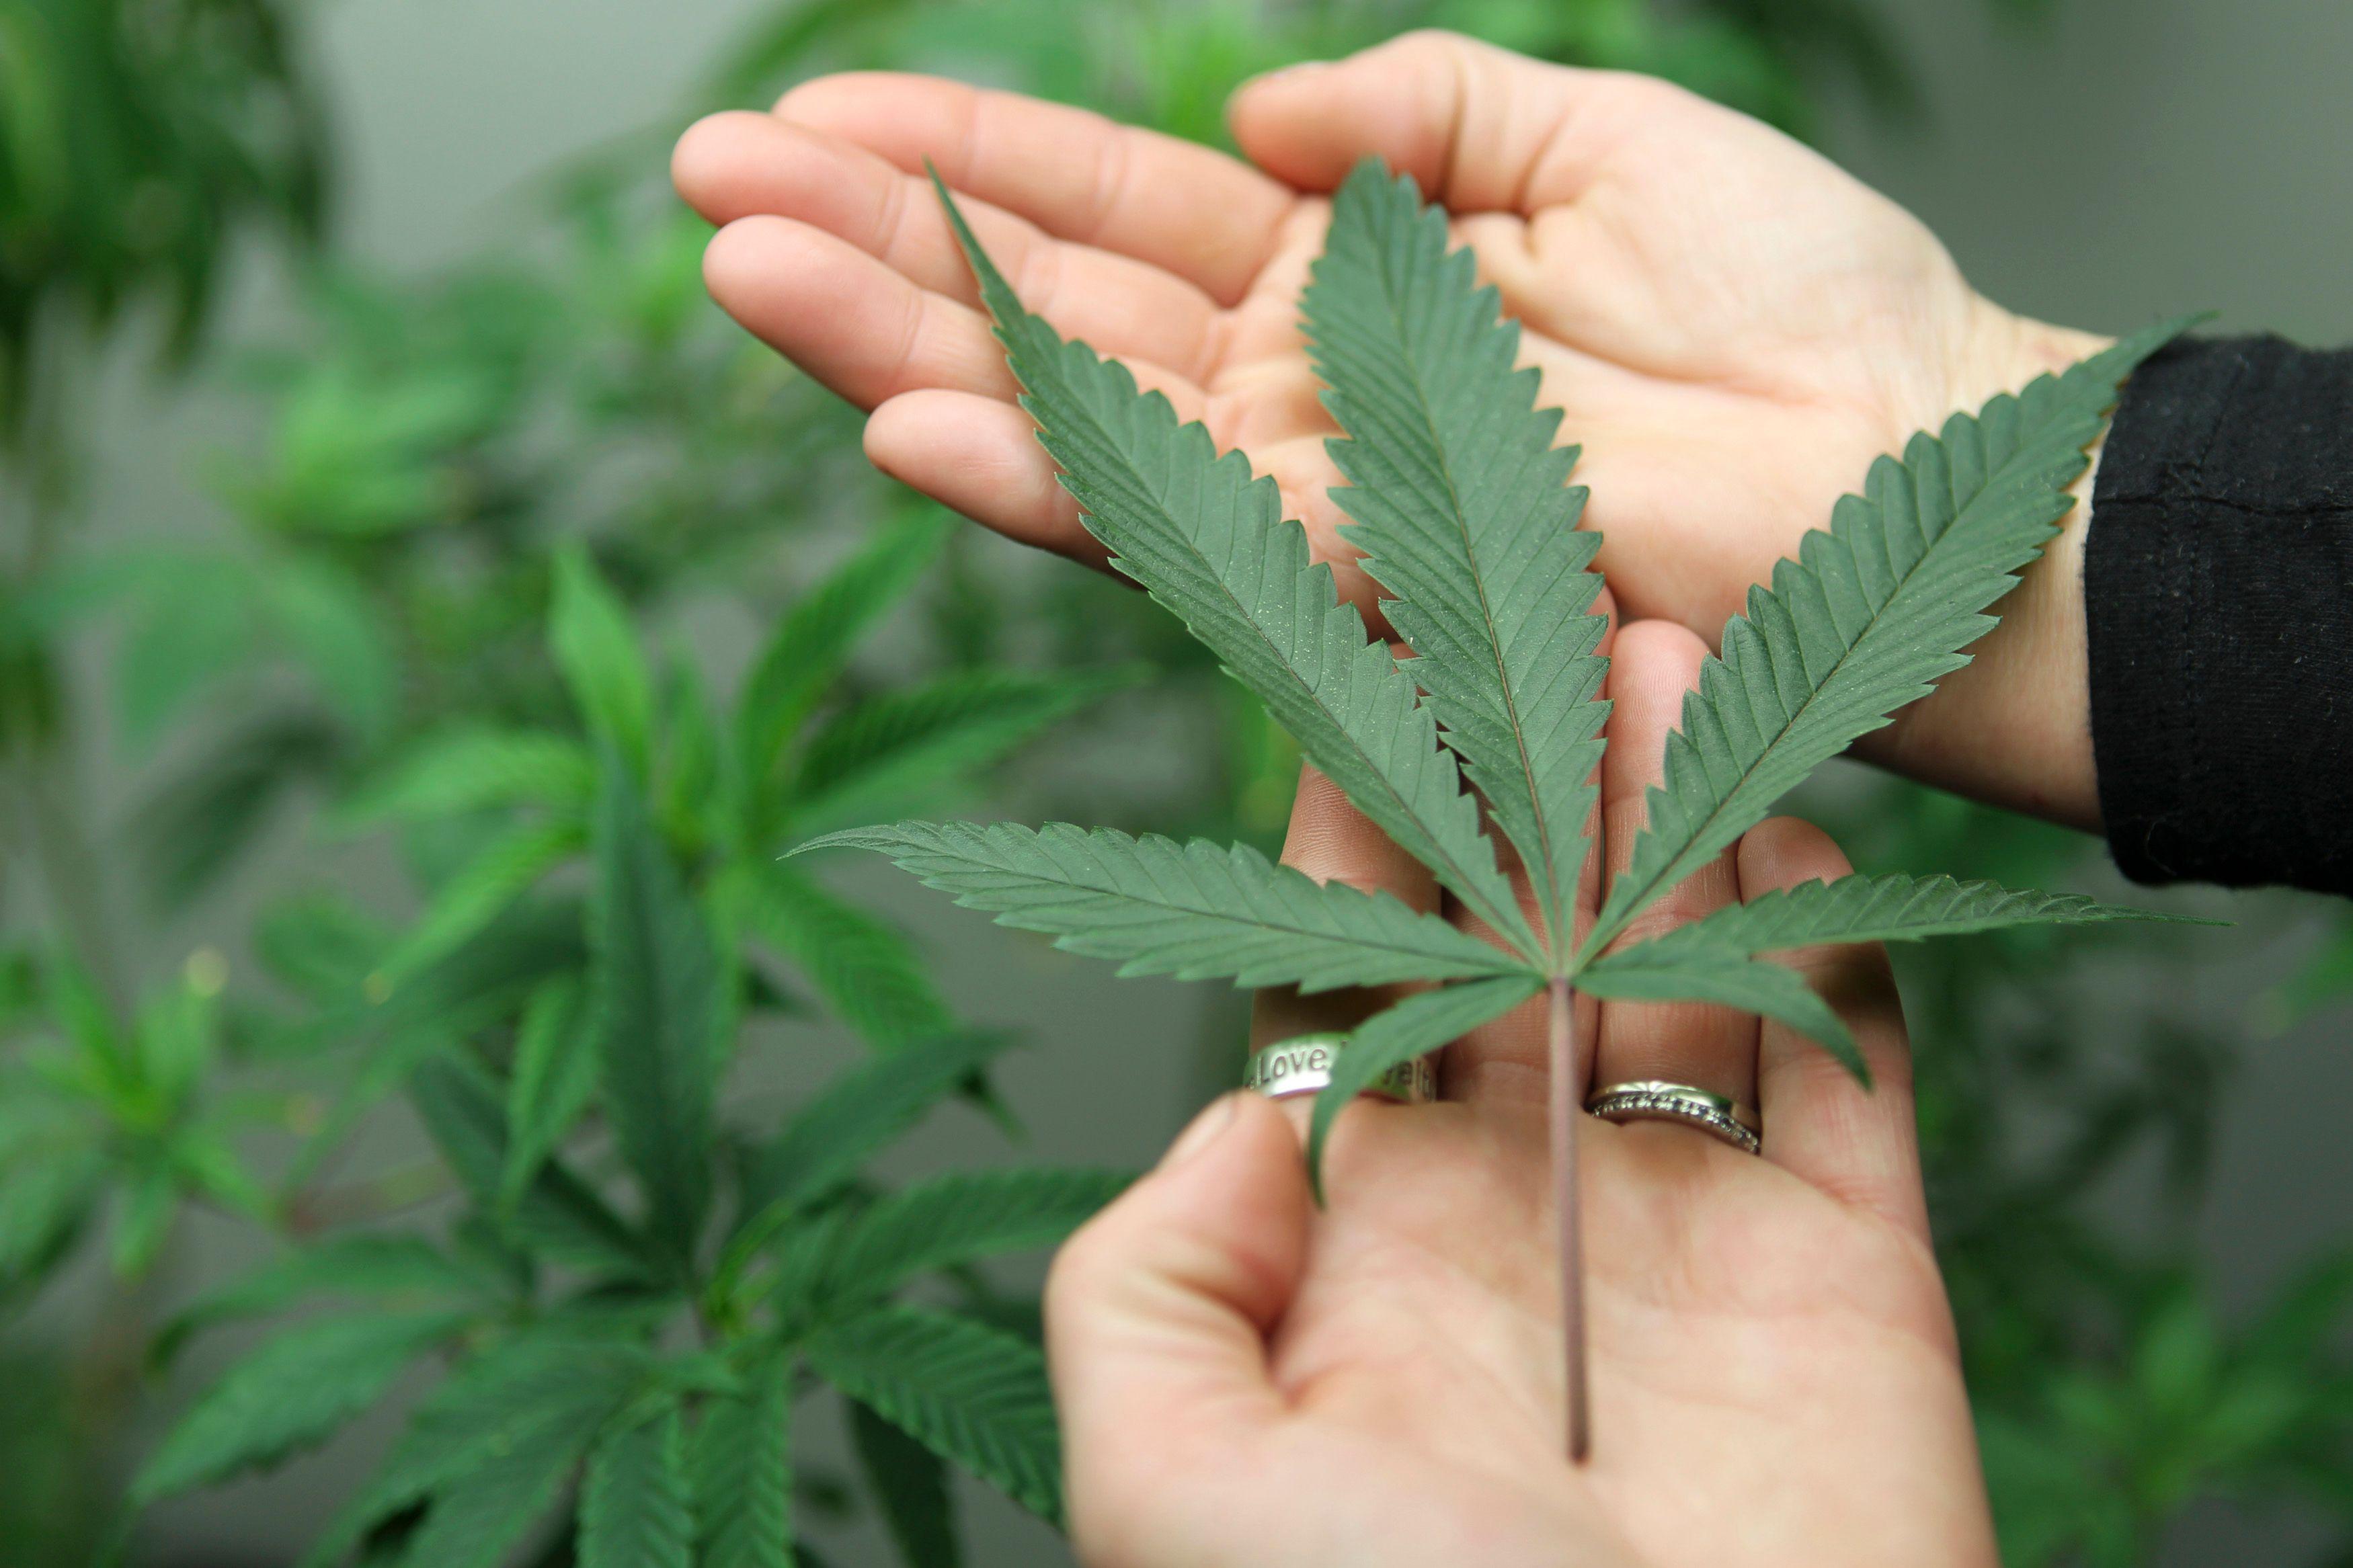 La famille de Bob Marley va commercialiser une marque de cannabis à son nom.